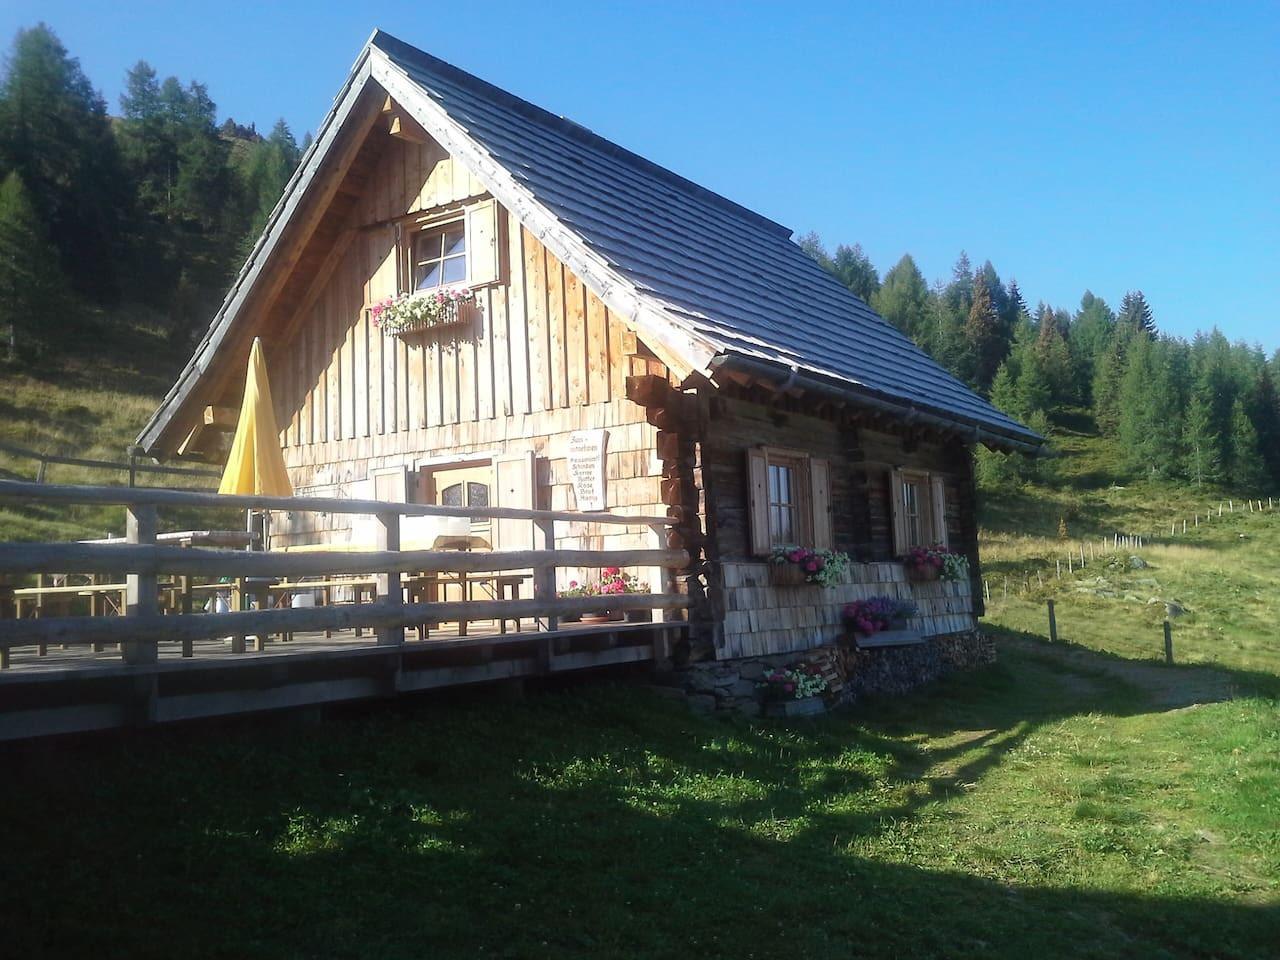 Hütte002.jpg